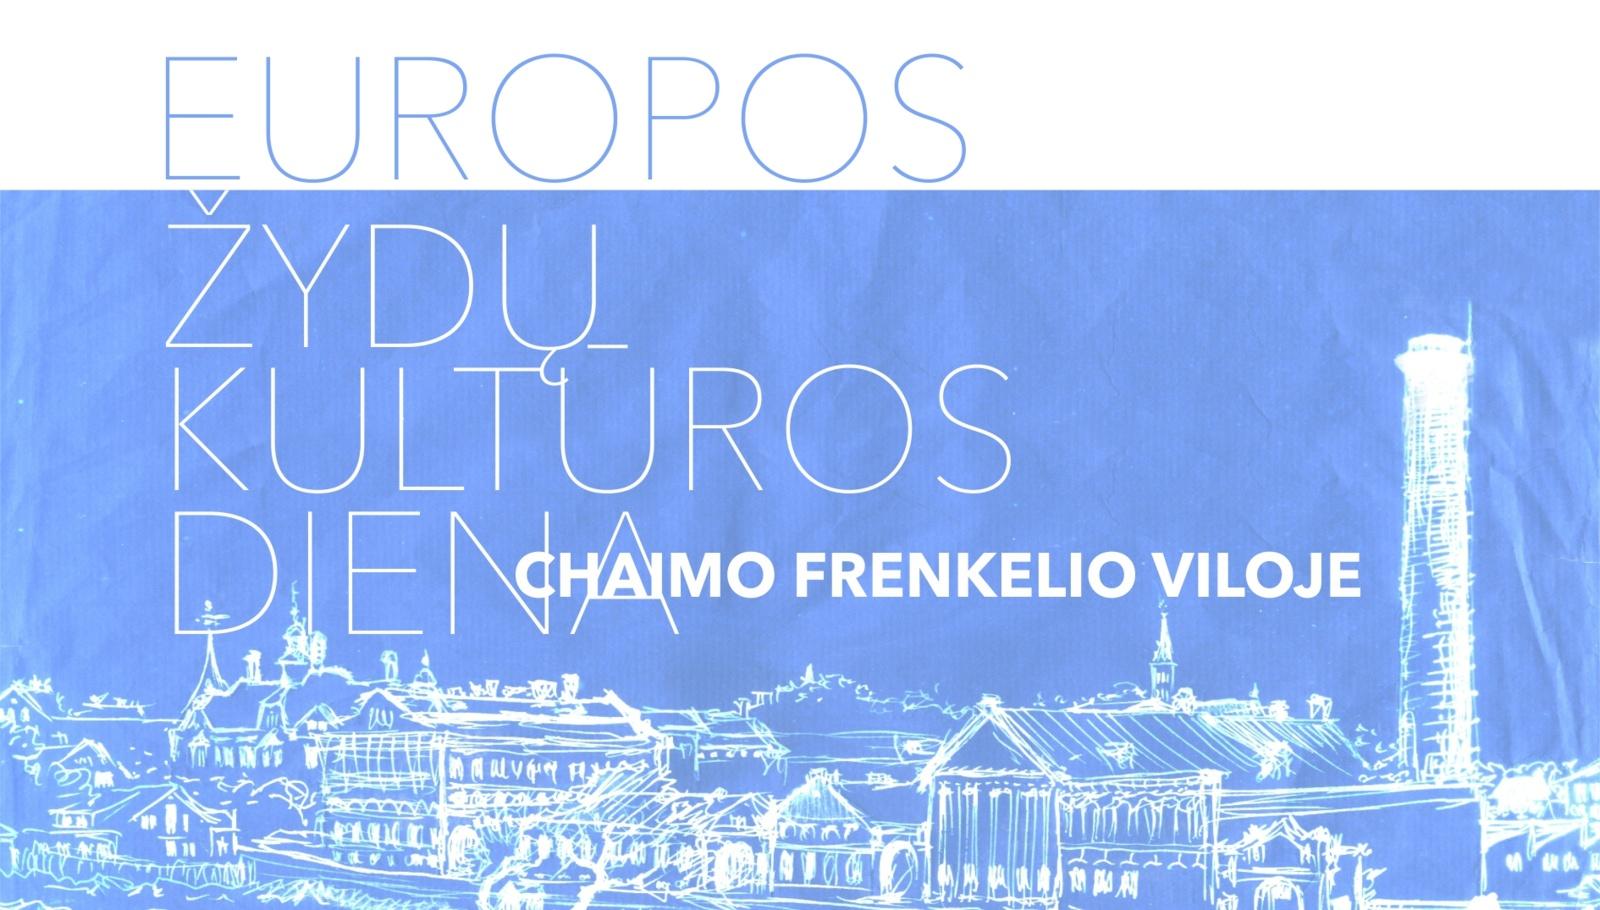 Europos žydų kultūros dienos sekmadienį kviečia į Chaimo Frenkelio vilą